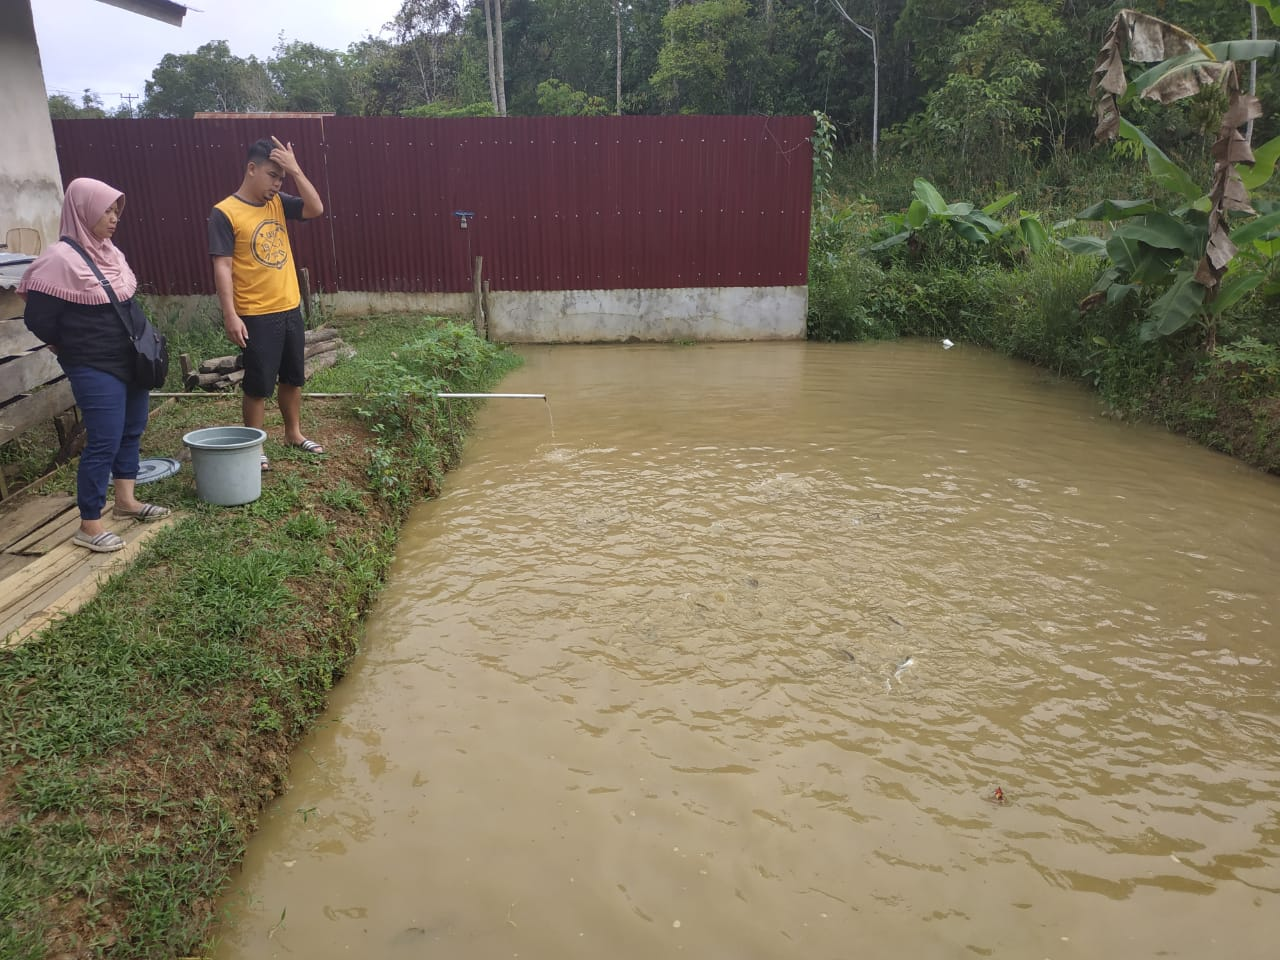 Dinas Perikanan Monitoring Kolam Percontohan Patin di Desa Tekalong Kecamatan Mentebah